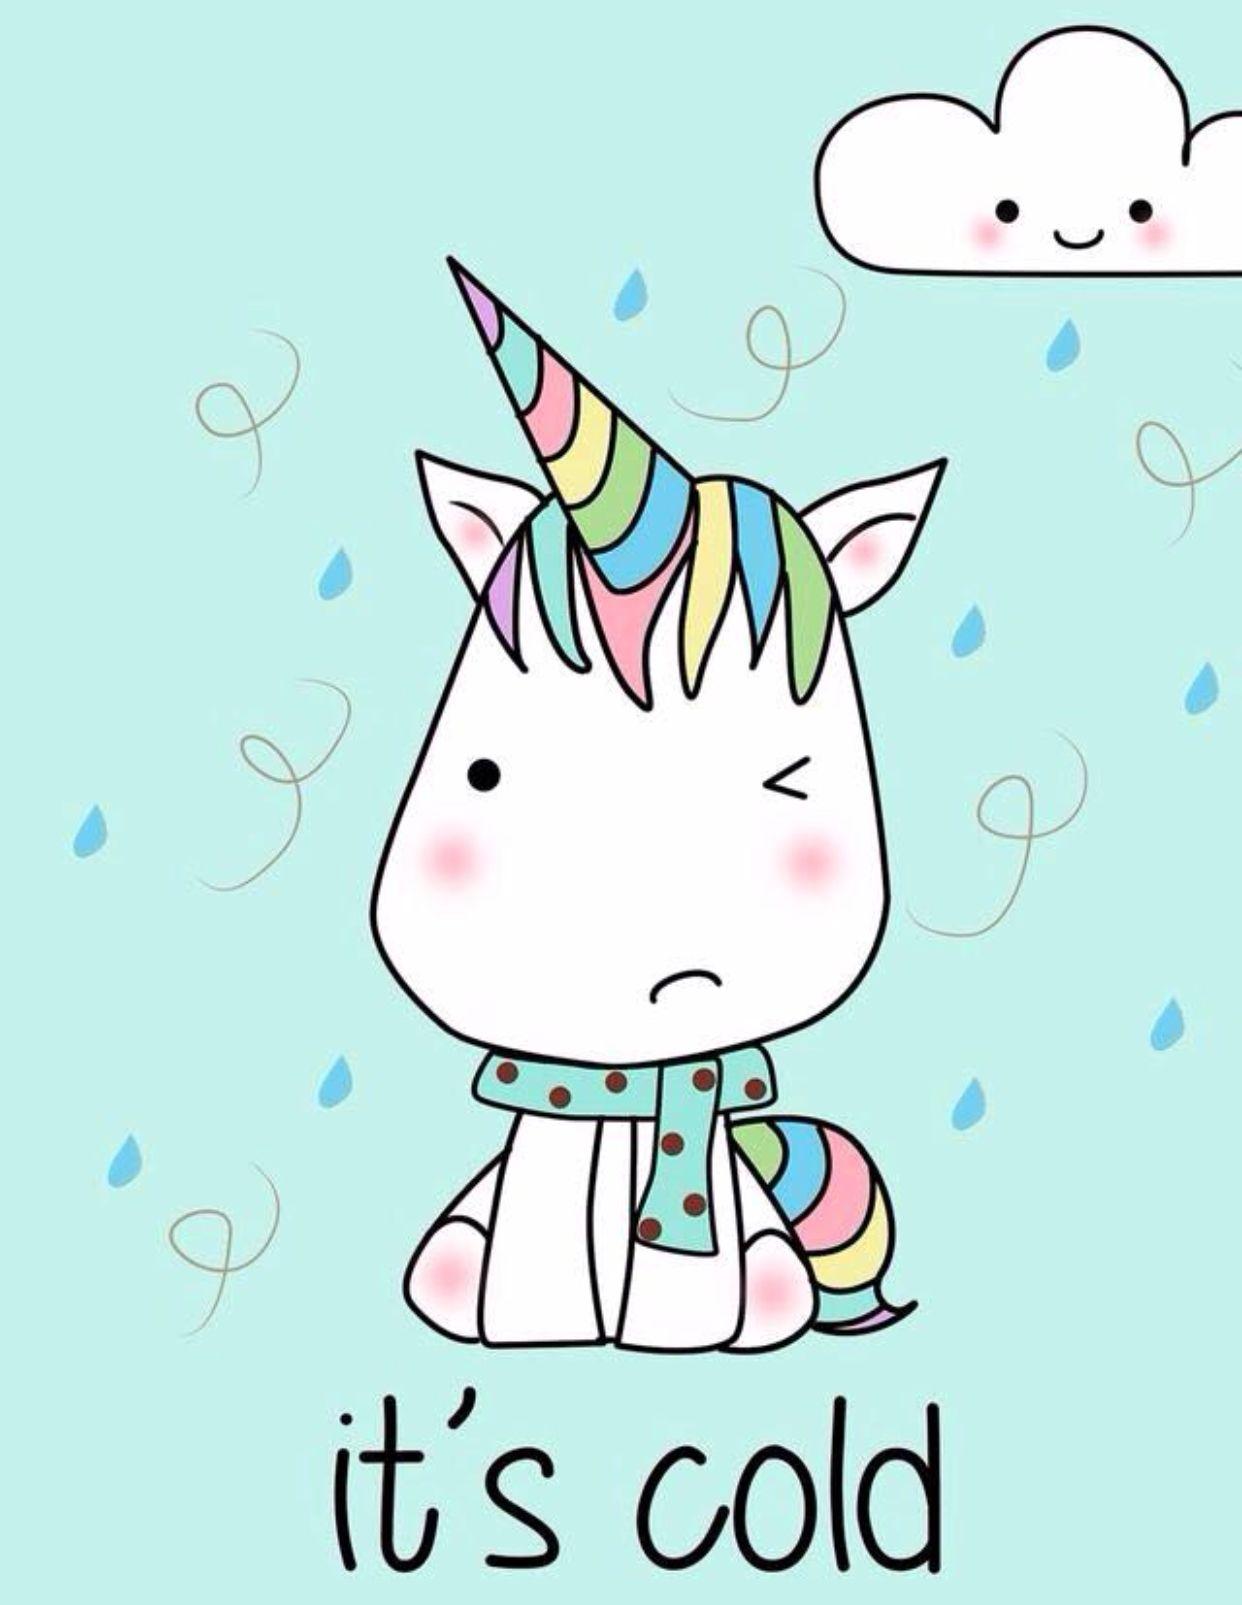 It S Cold Unicorn Unicorn Wallpaper Cute Unicorn Wallpaper Iphone Wallpaper Unicorn